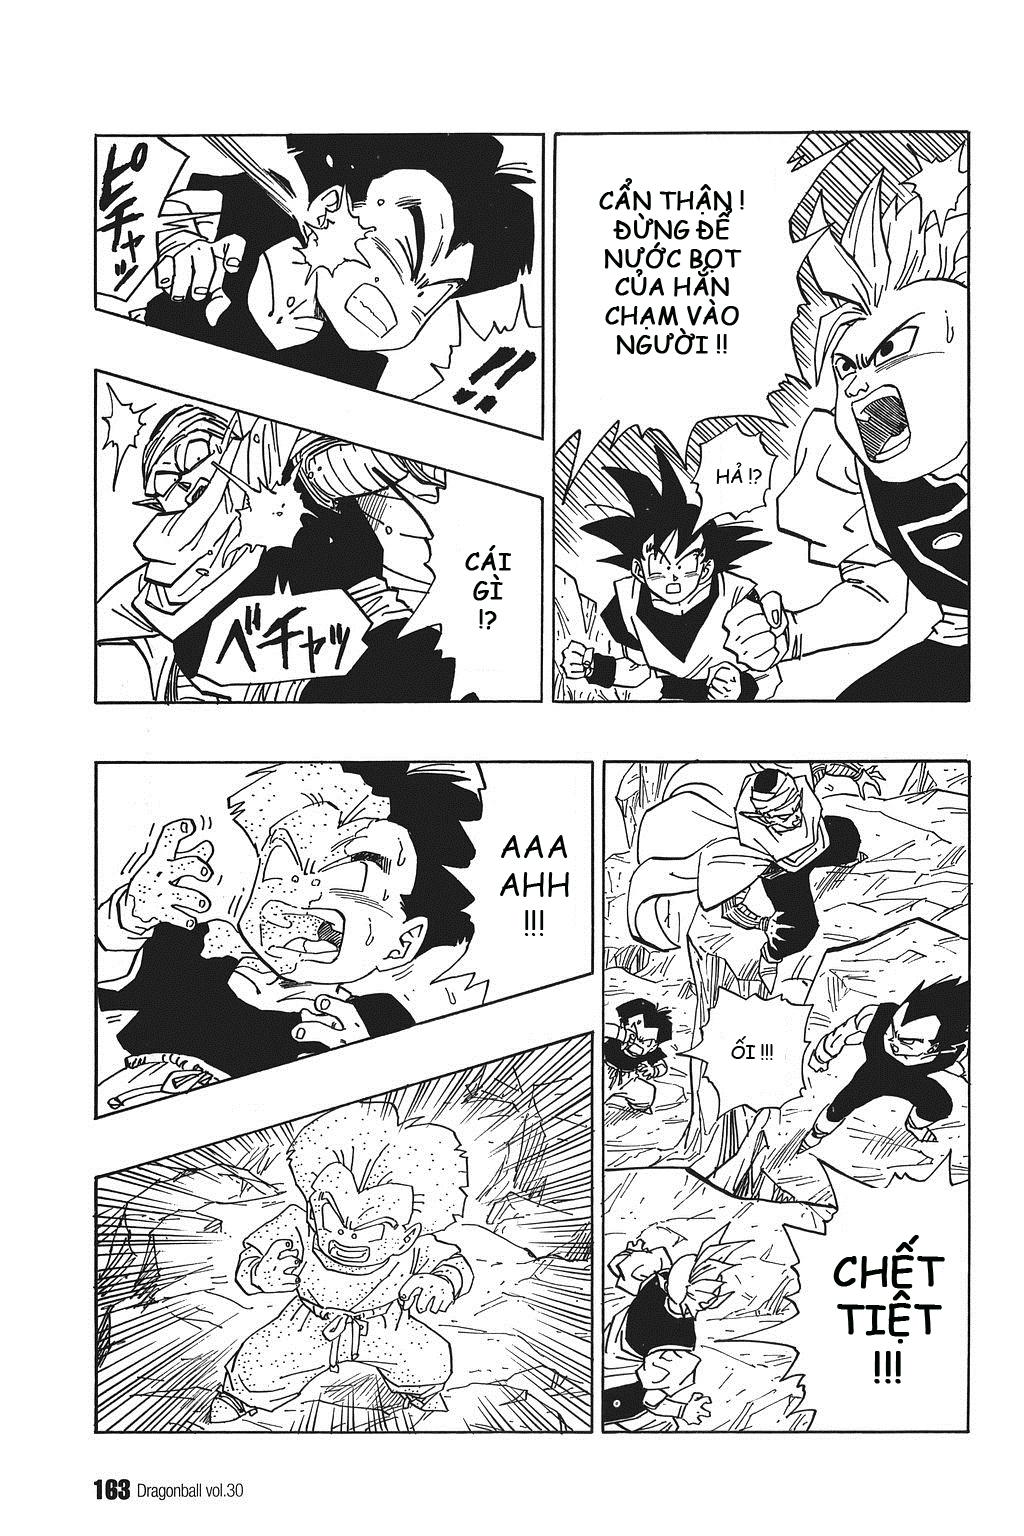 xem truyen moi - Dragon Ball Bản Vip - Bản Đẹp Nguyên Gốc Chap 448